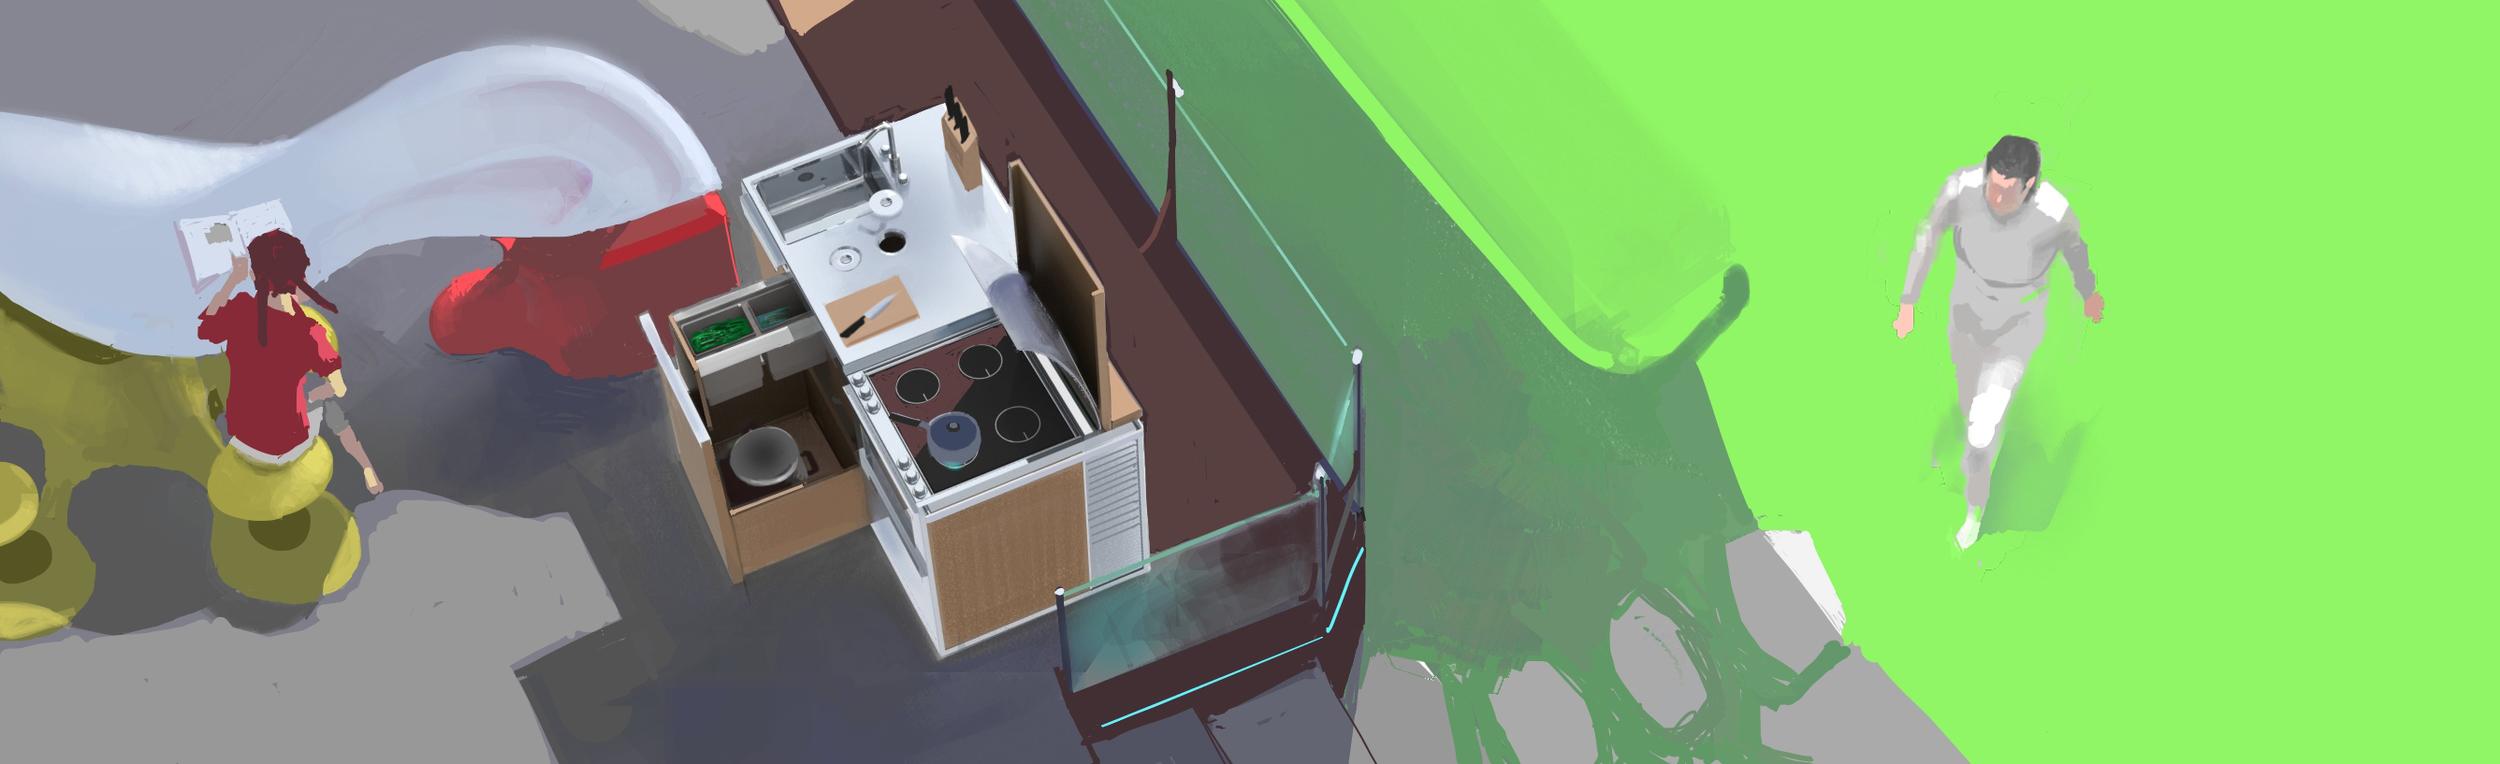 bin system top view 3RA.jpg